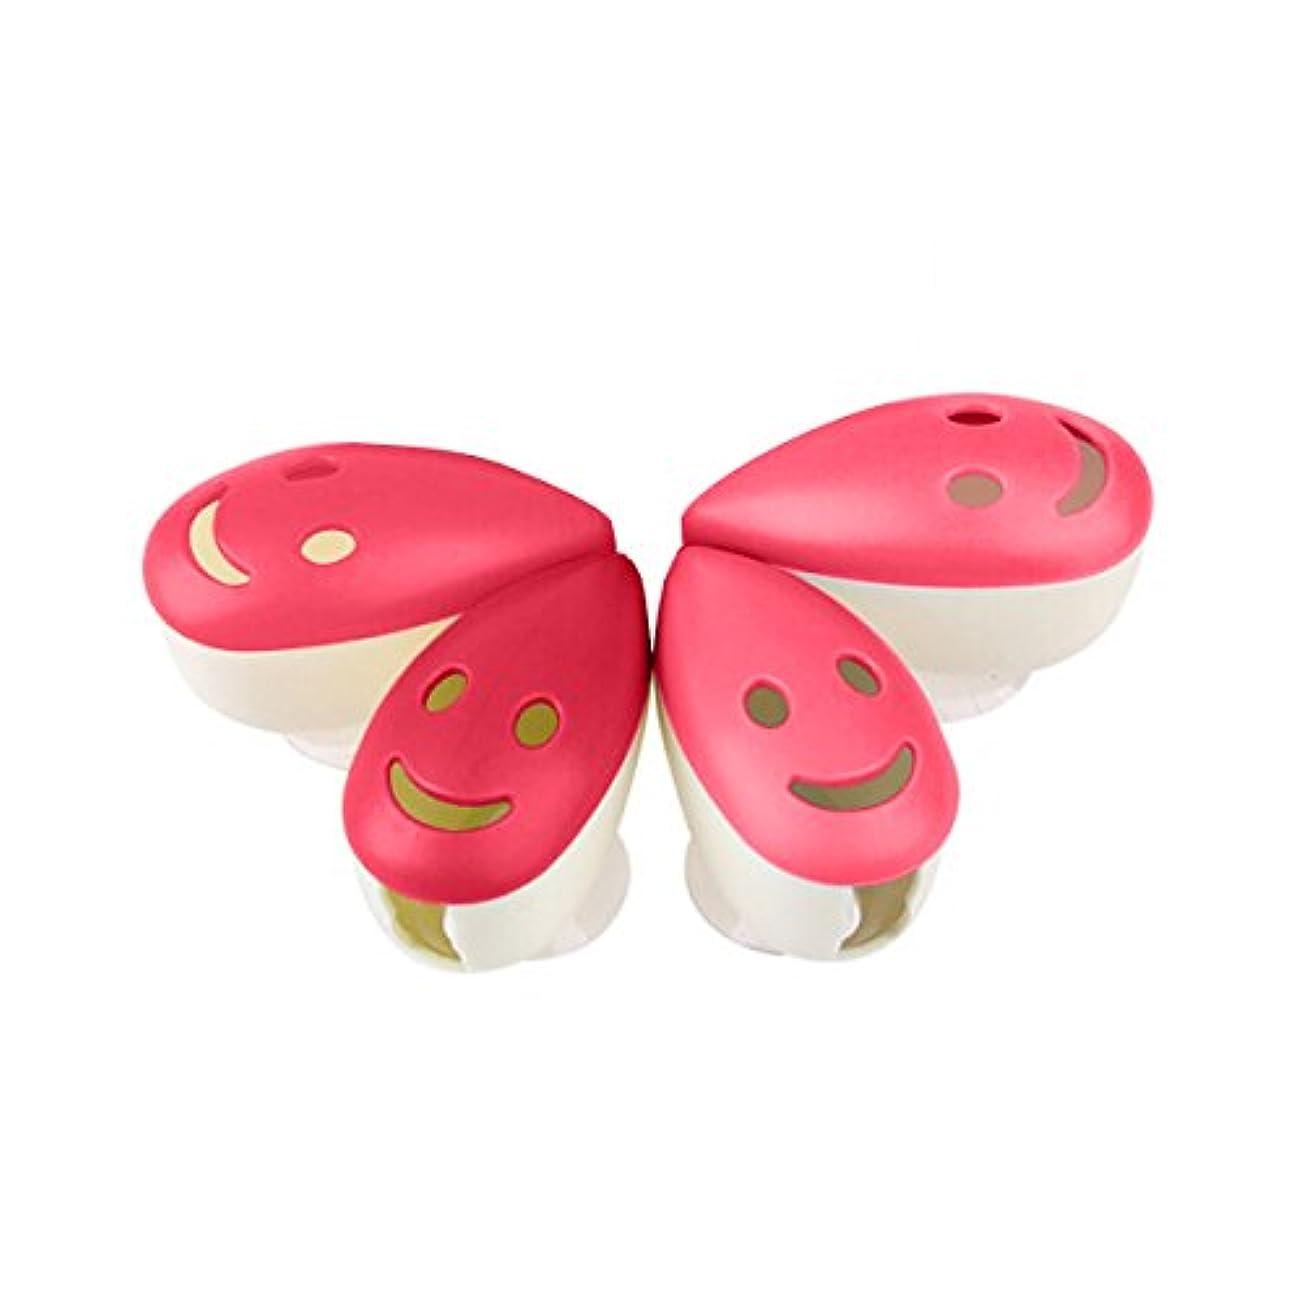 メイエラコンバーチブルうれしいROSENICE 歯ブラシケース4個のスマイルフェイス抗菌歯ブラシホルダーサクションカップ(混合色)